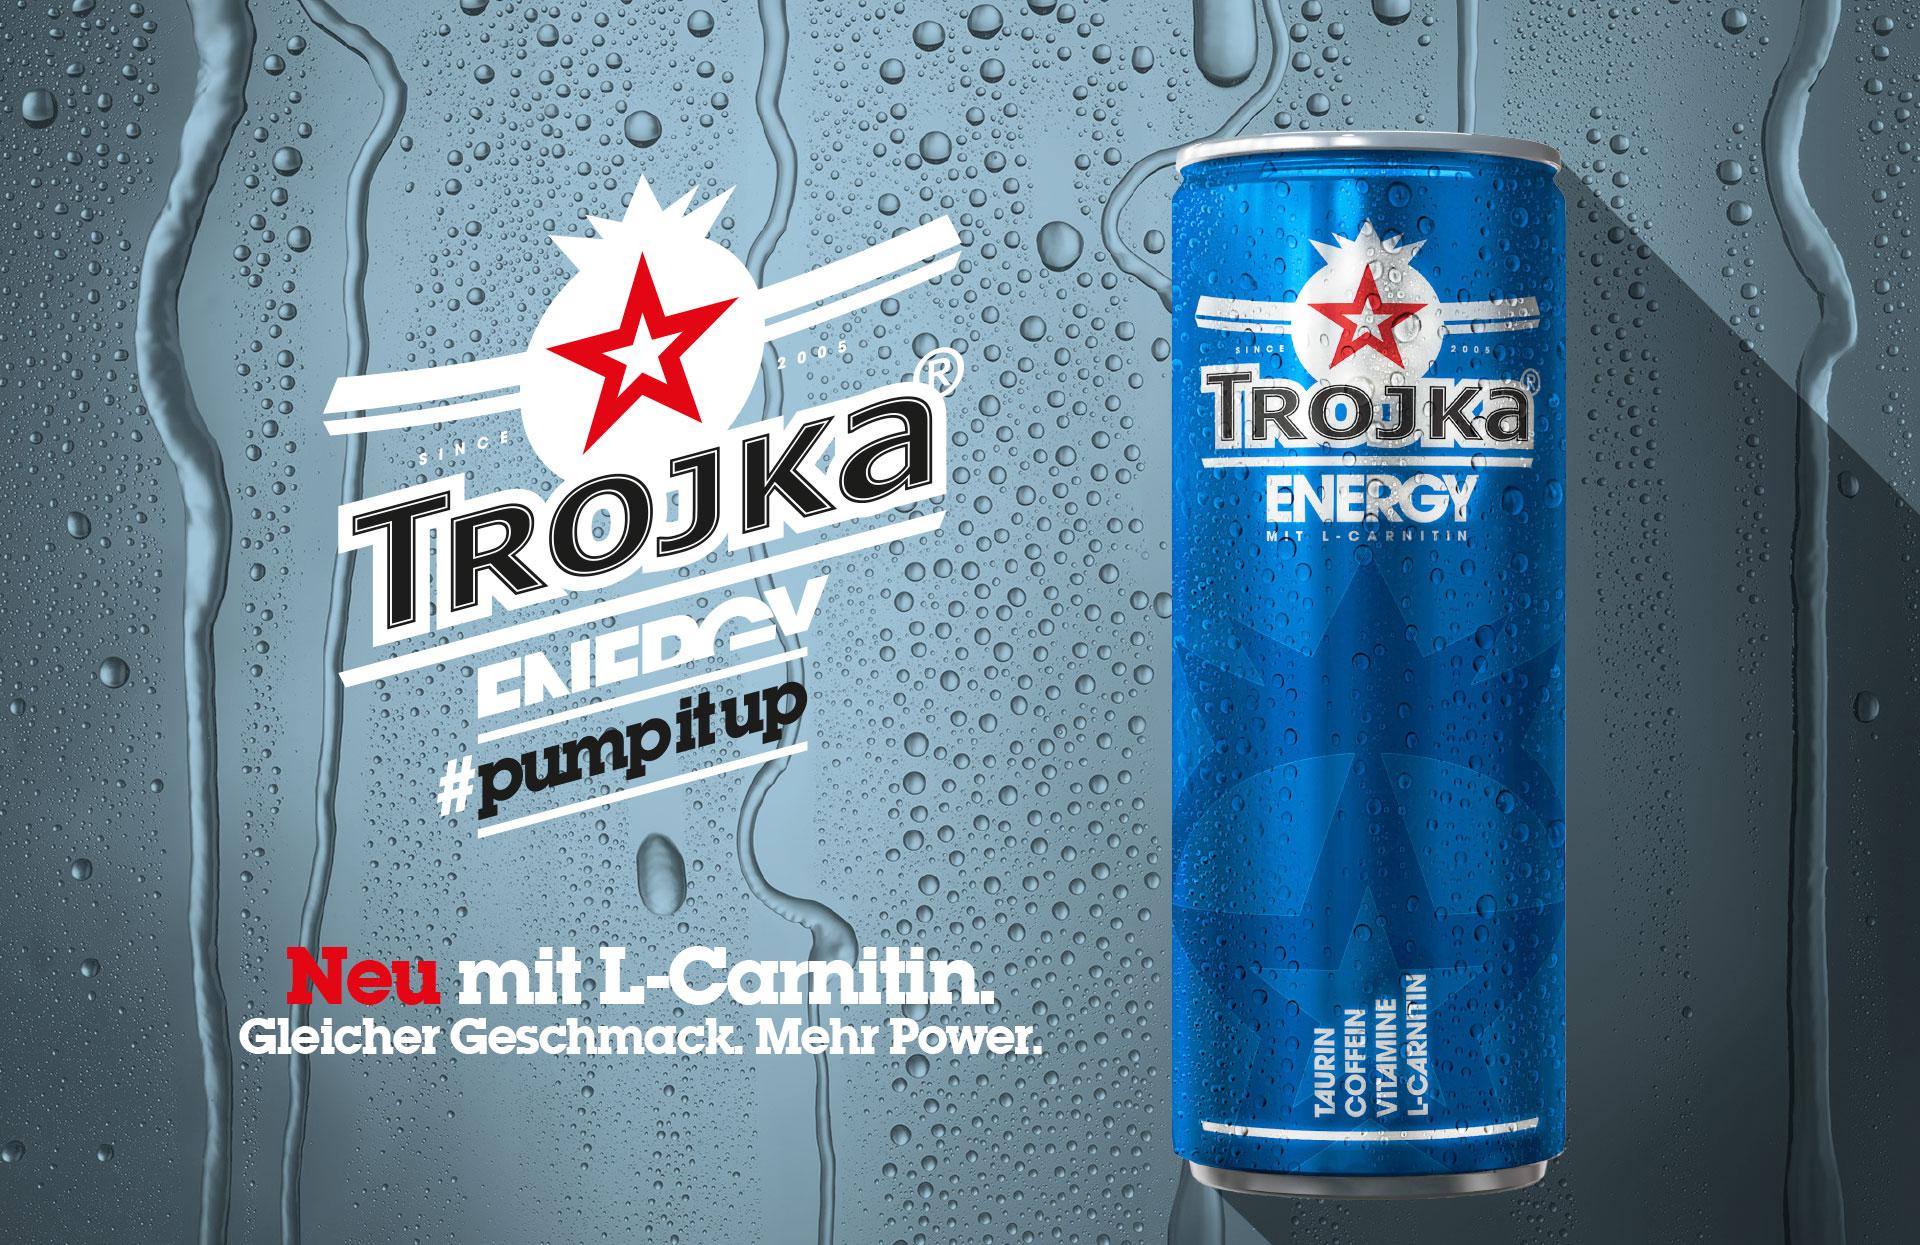 trojka_energy_keyvisual_de